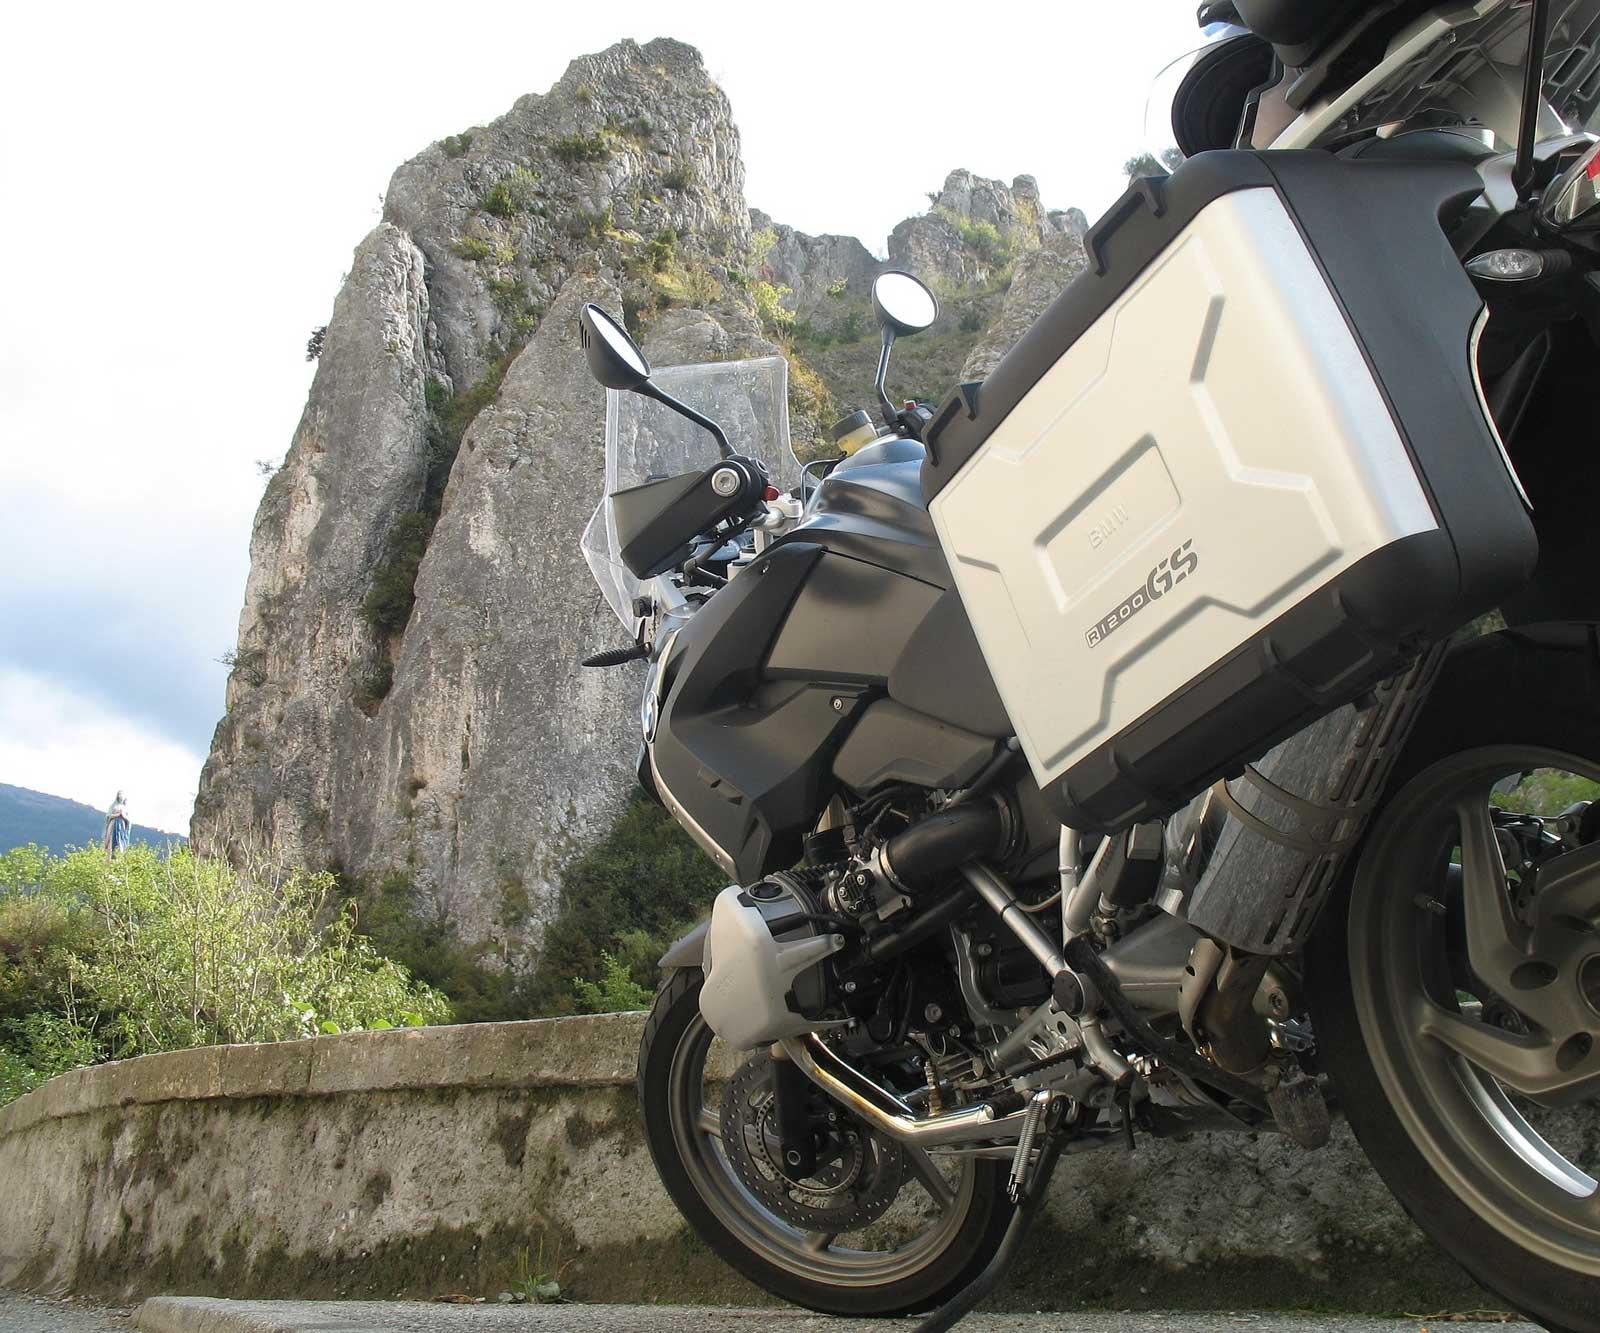 Geführte Motorrad Tour auf Mallorca